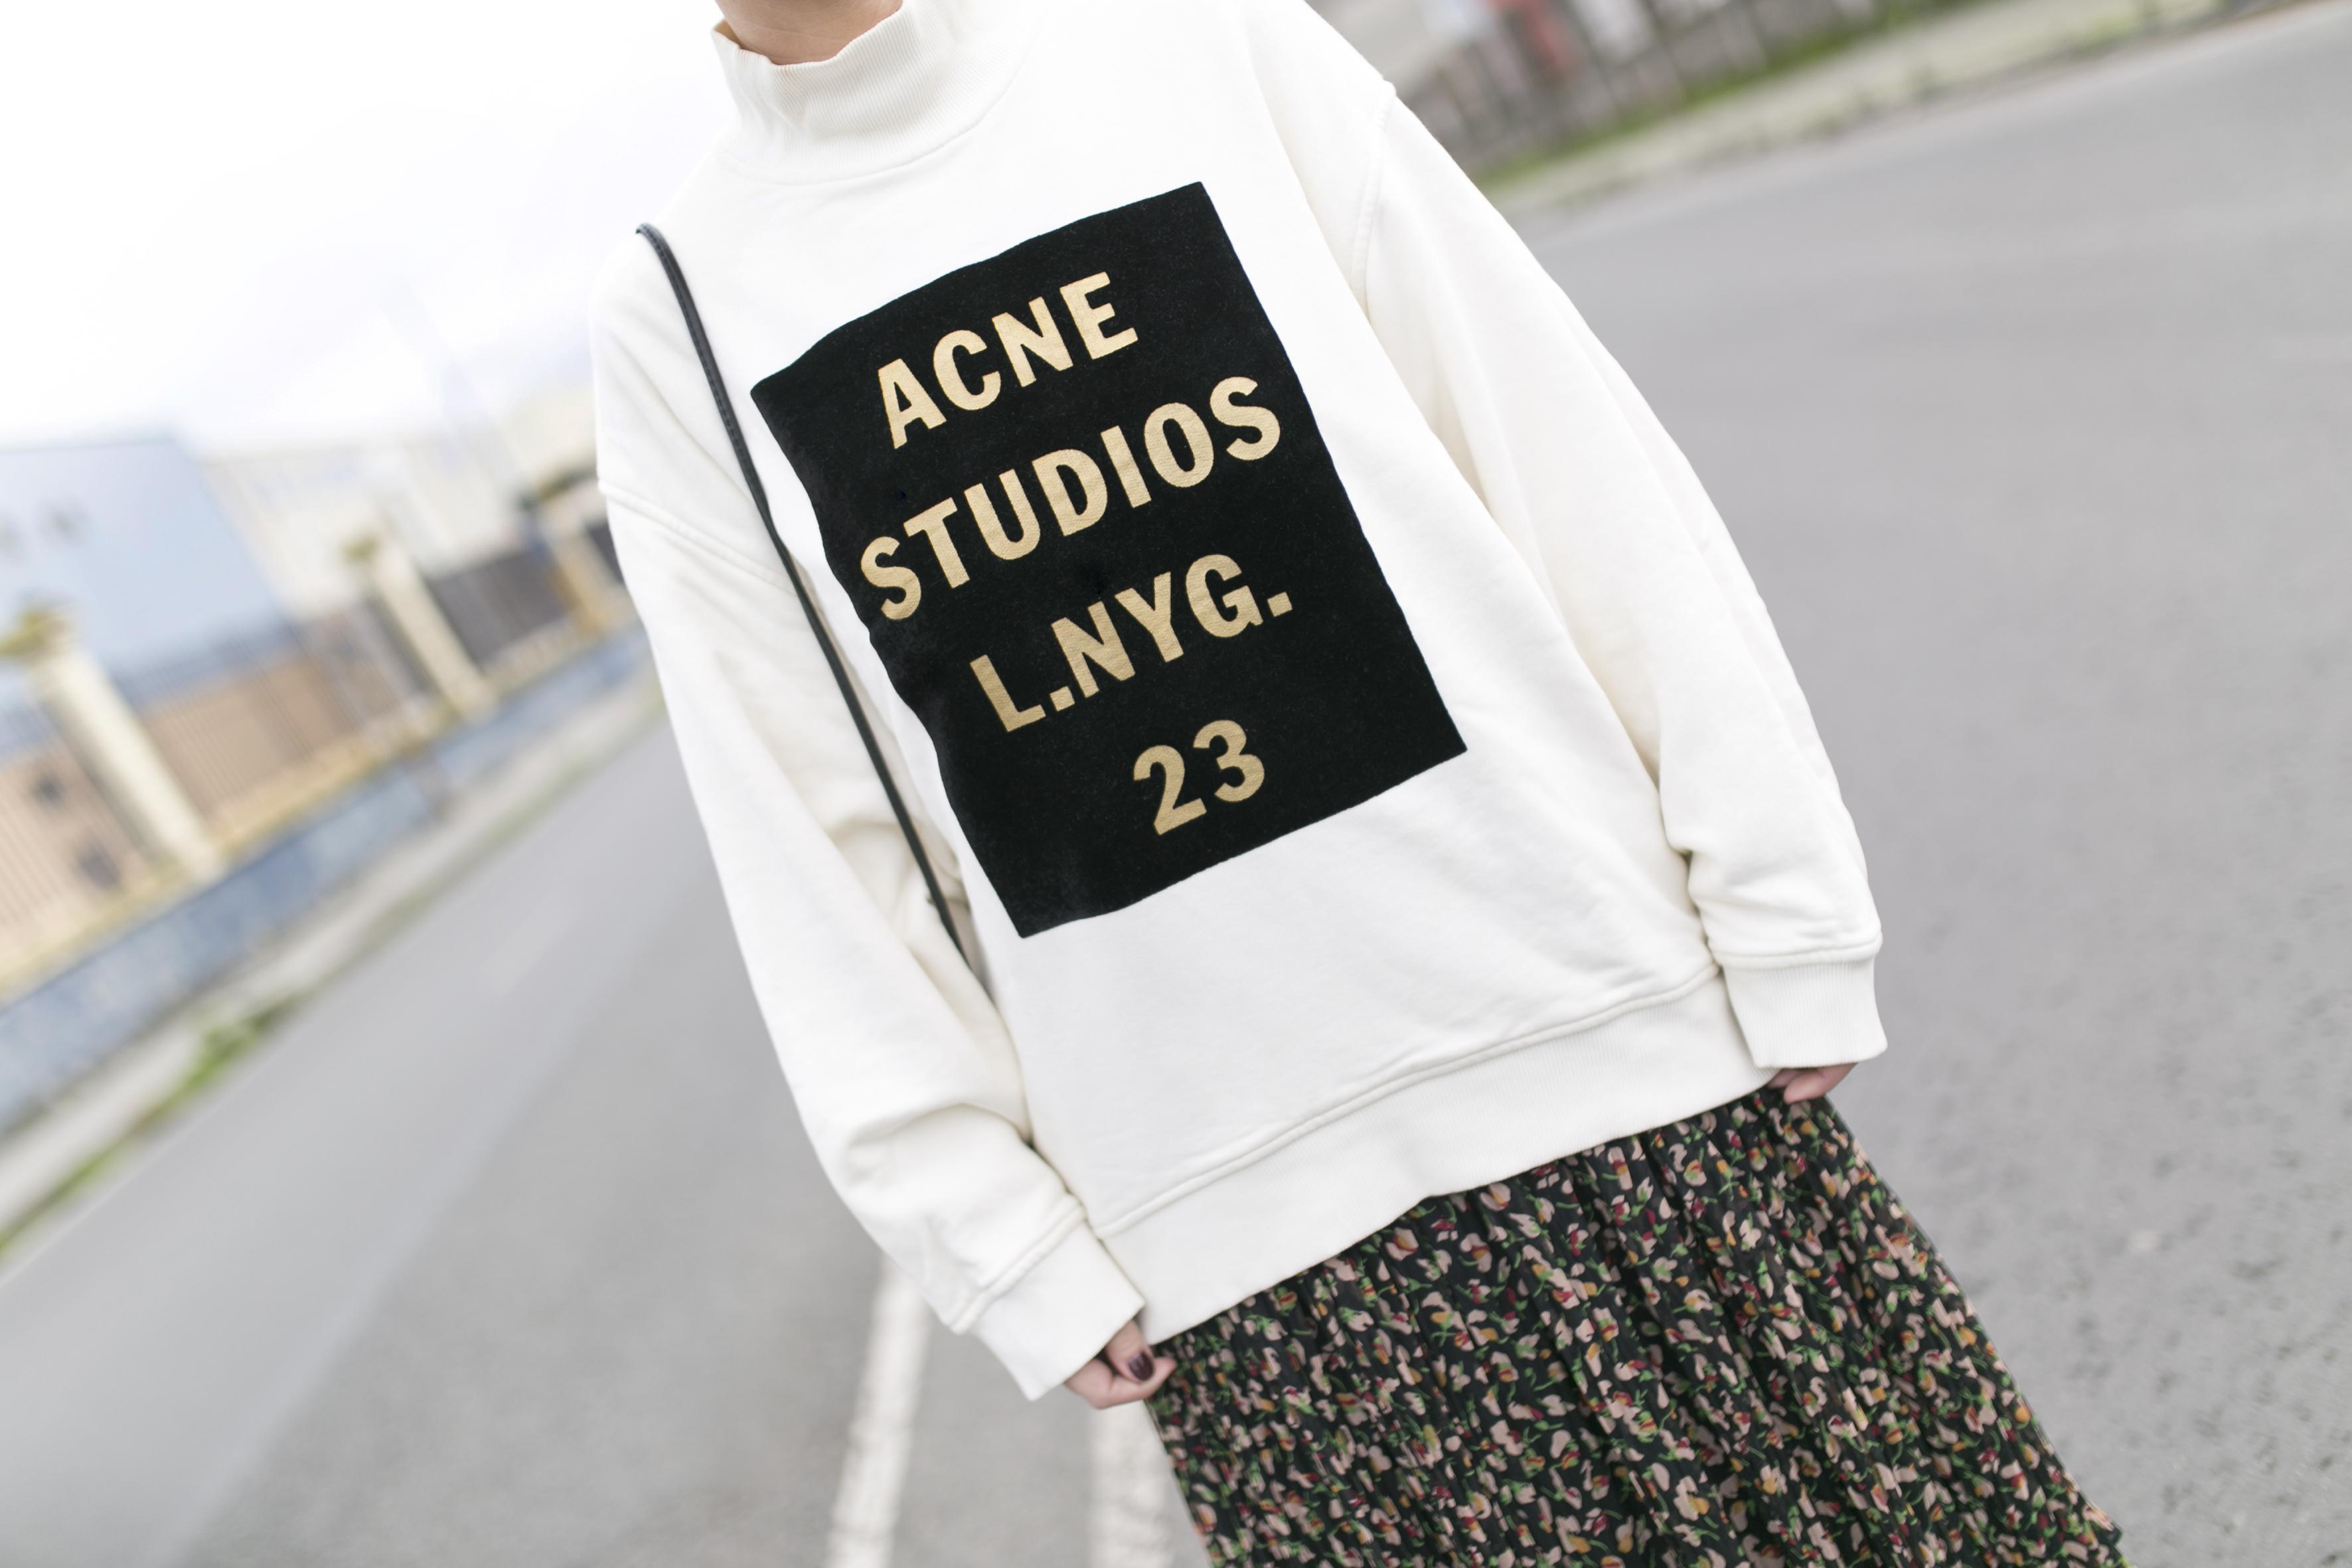 rebajas Zara-style-coruña-moda-calle-descalzaporelparque-Acne Studios- fashion-streetstyle-blogger- Zara Dress